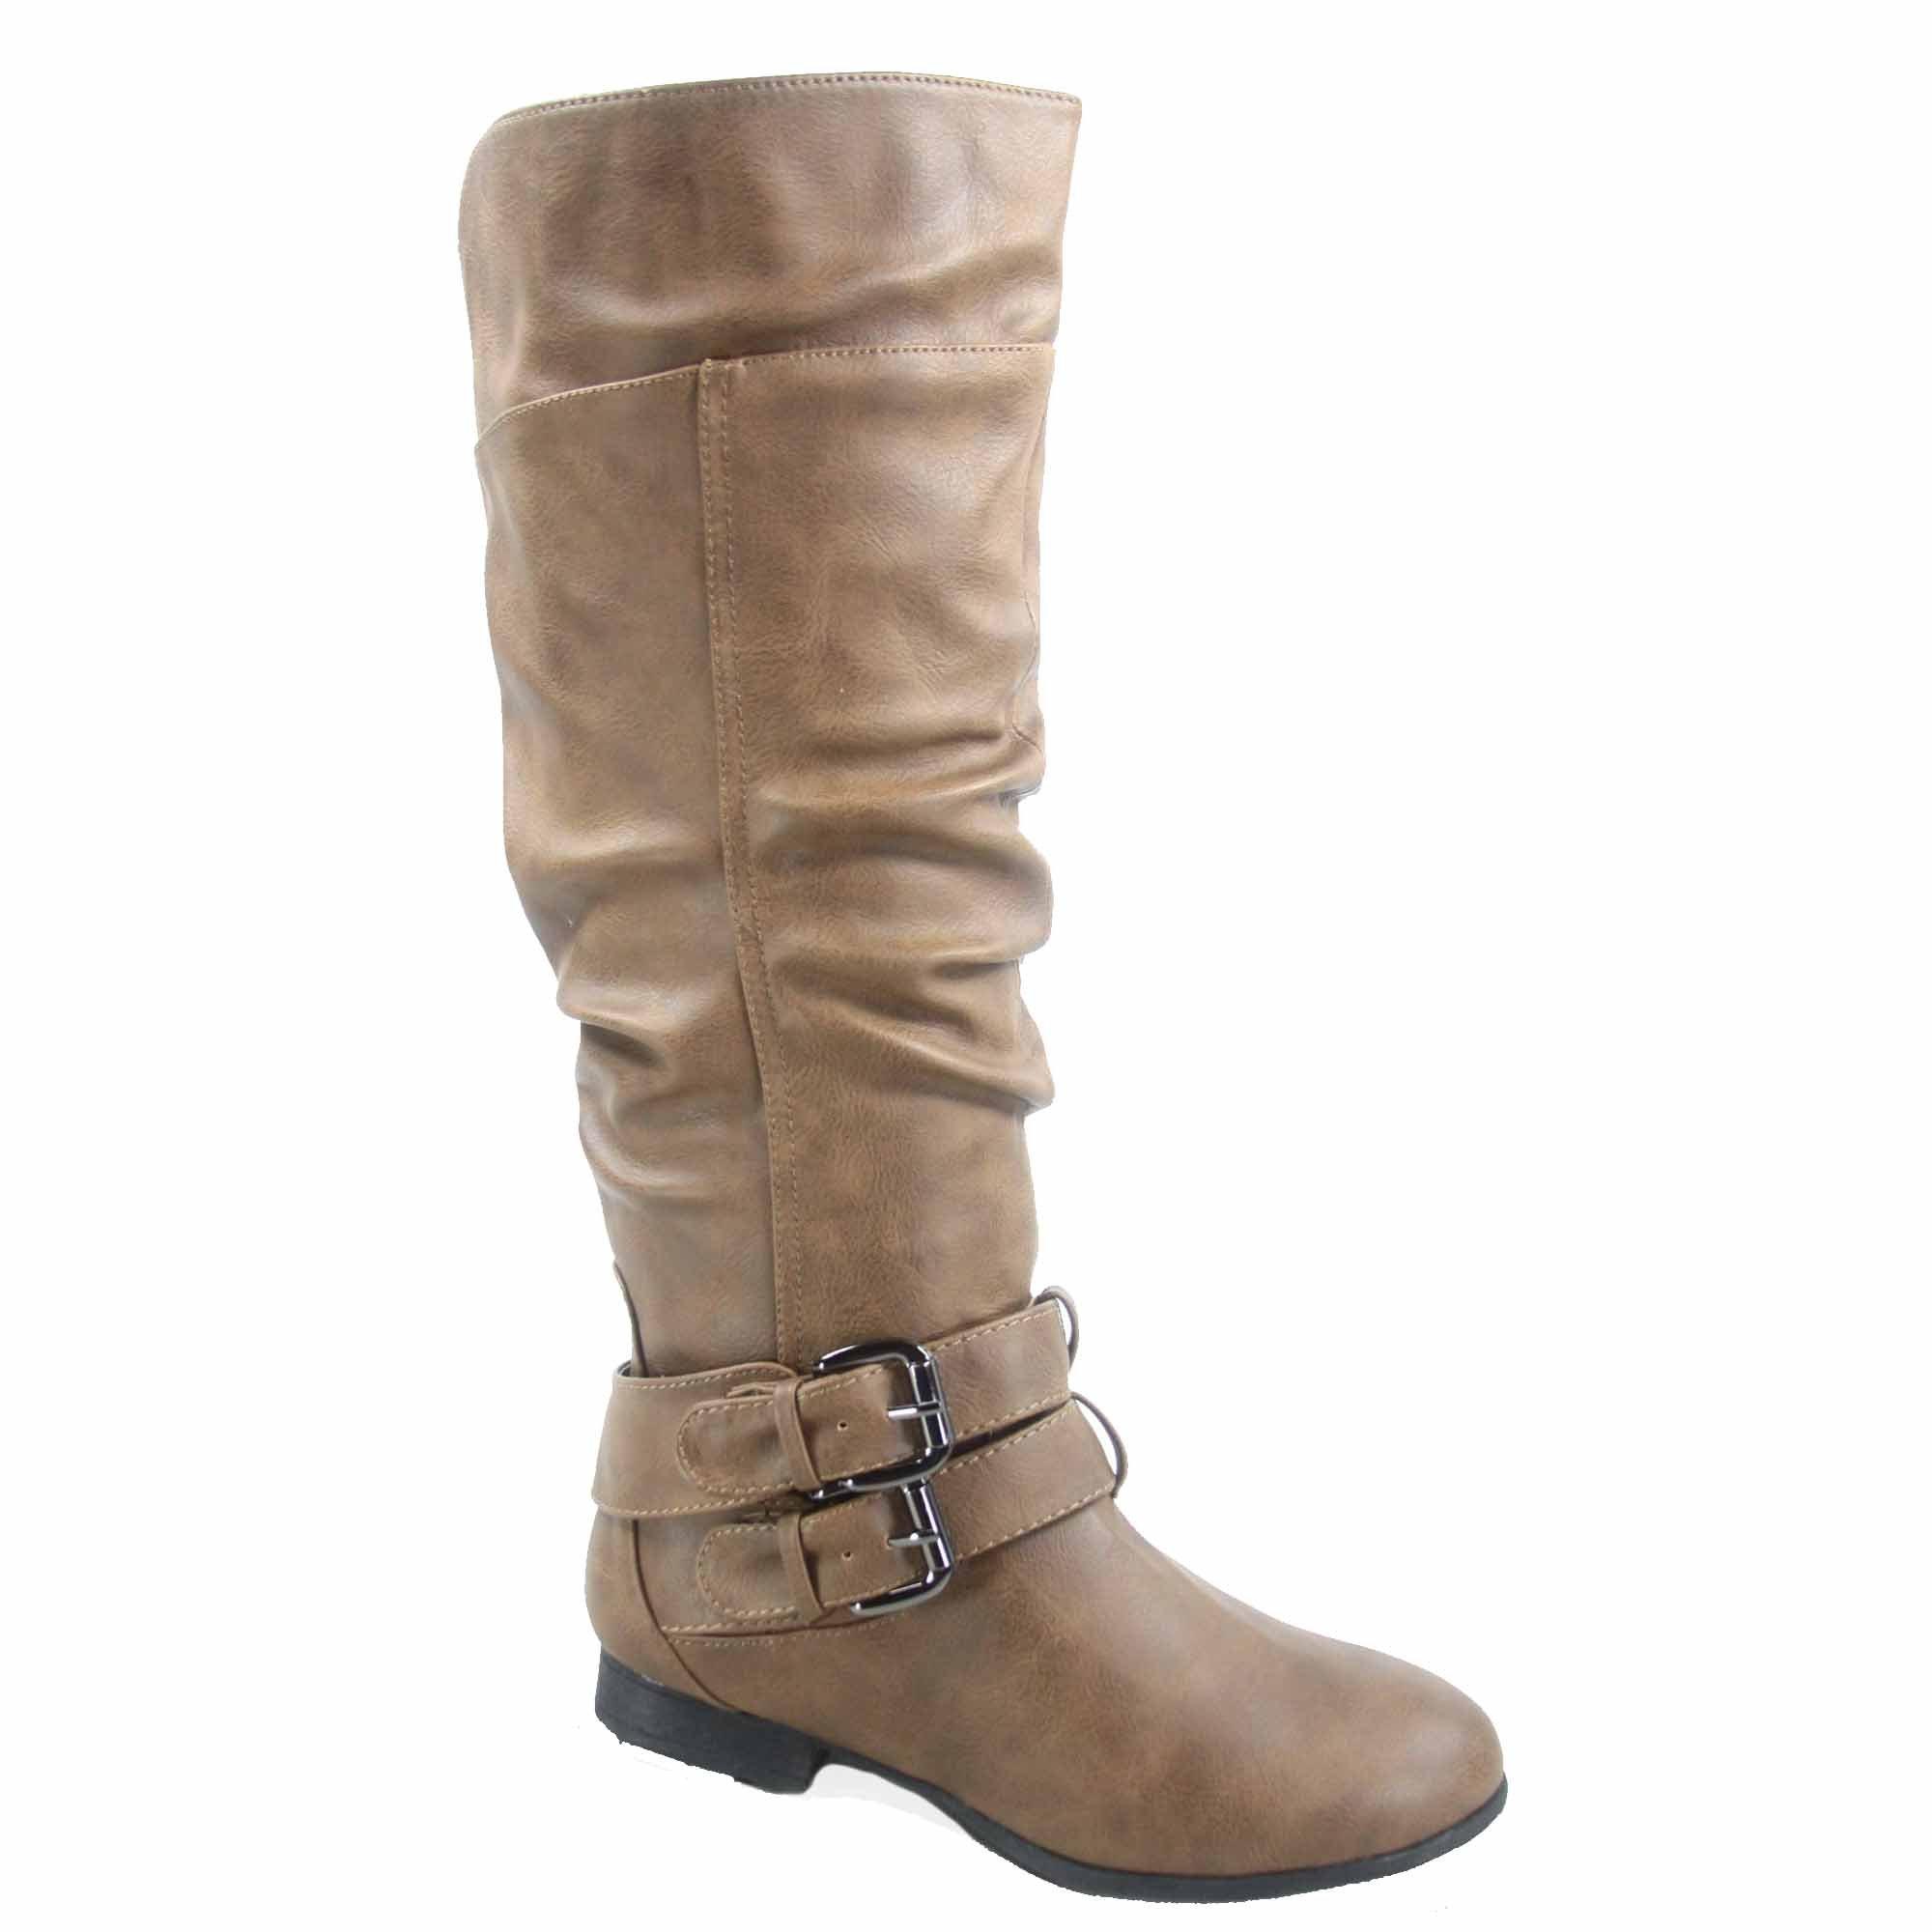 Top Moda Coco-20 Women's Fashion Round Toe Low Heel Knee High Zipper Riding Boot Shoes (6, Conac)